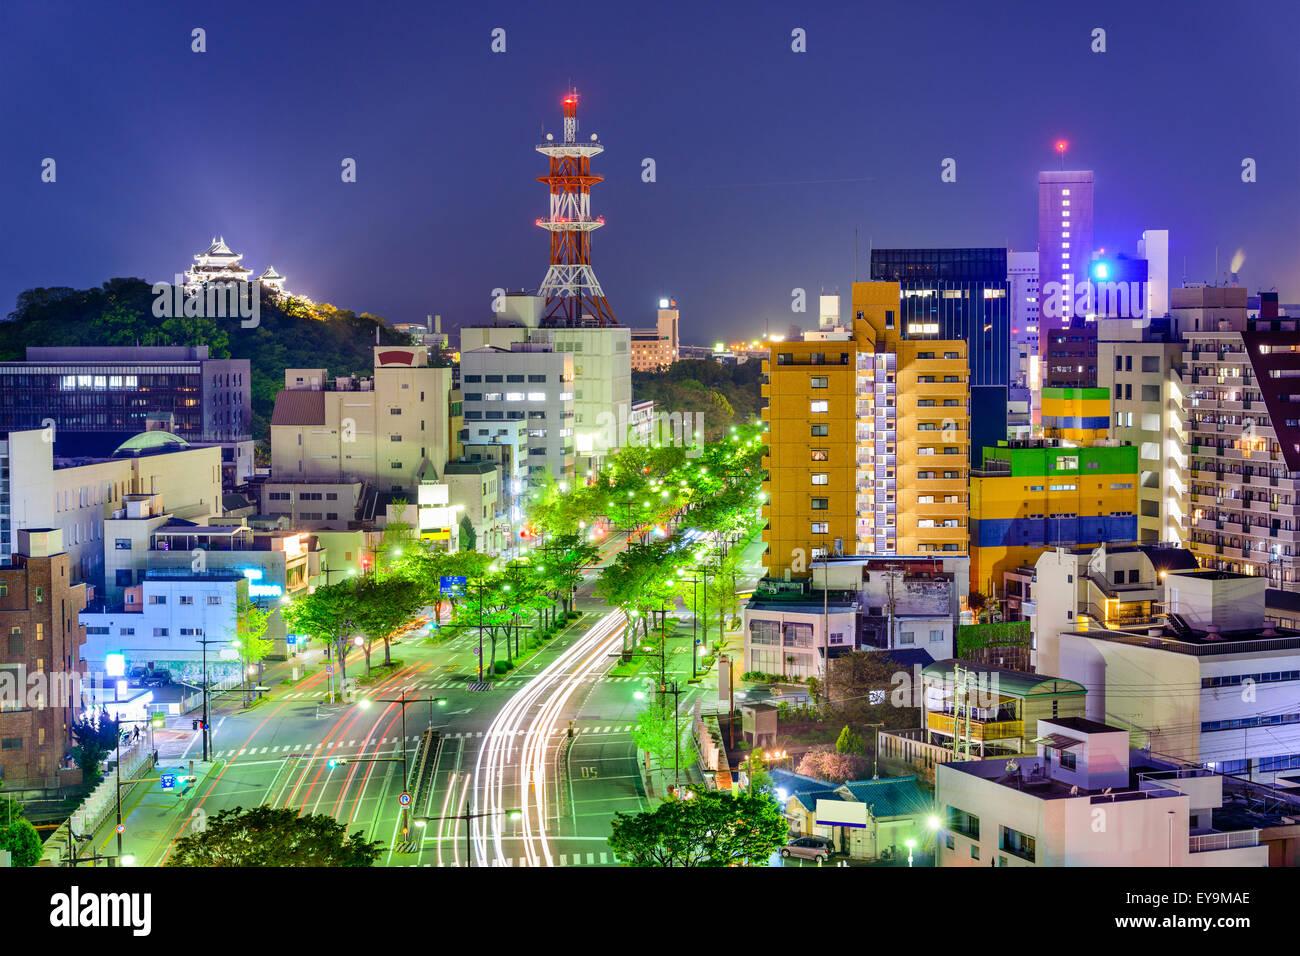 Die Innenstadt von Skyline Stadt Wakayama, Japan. Stockbild